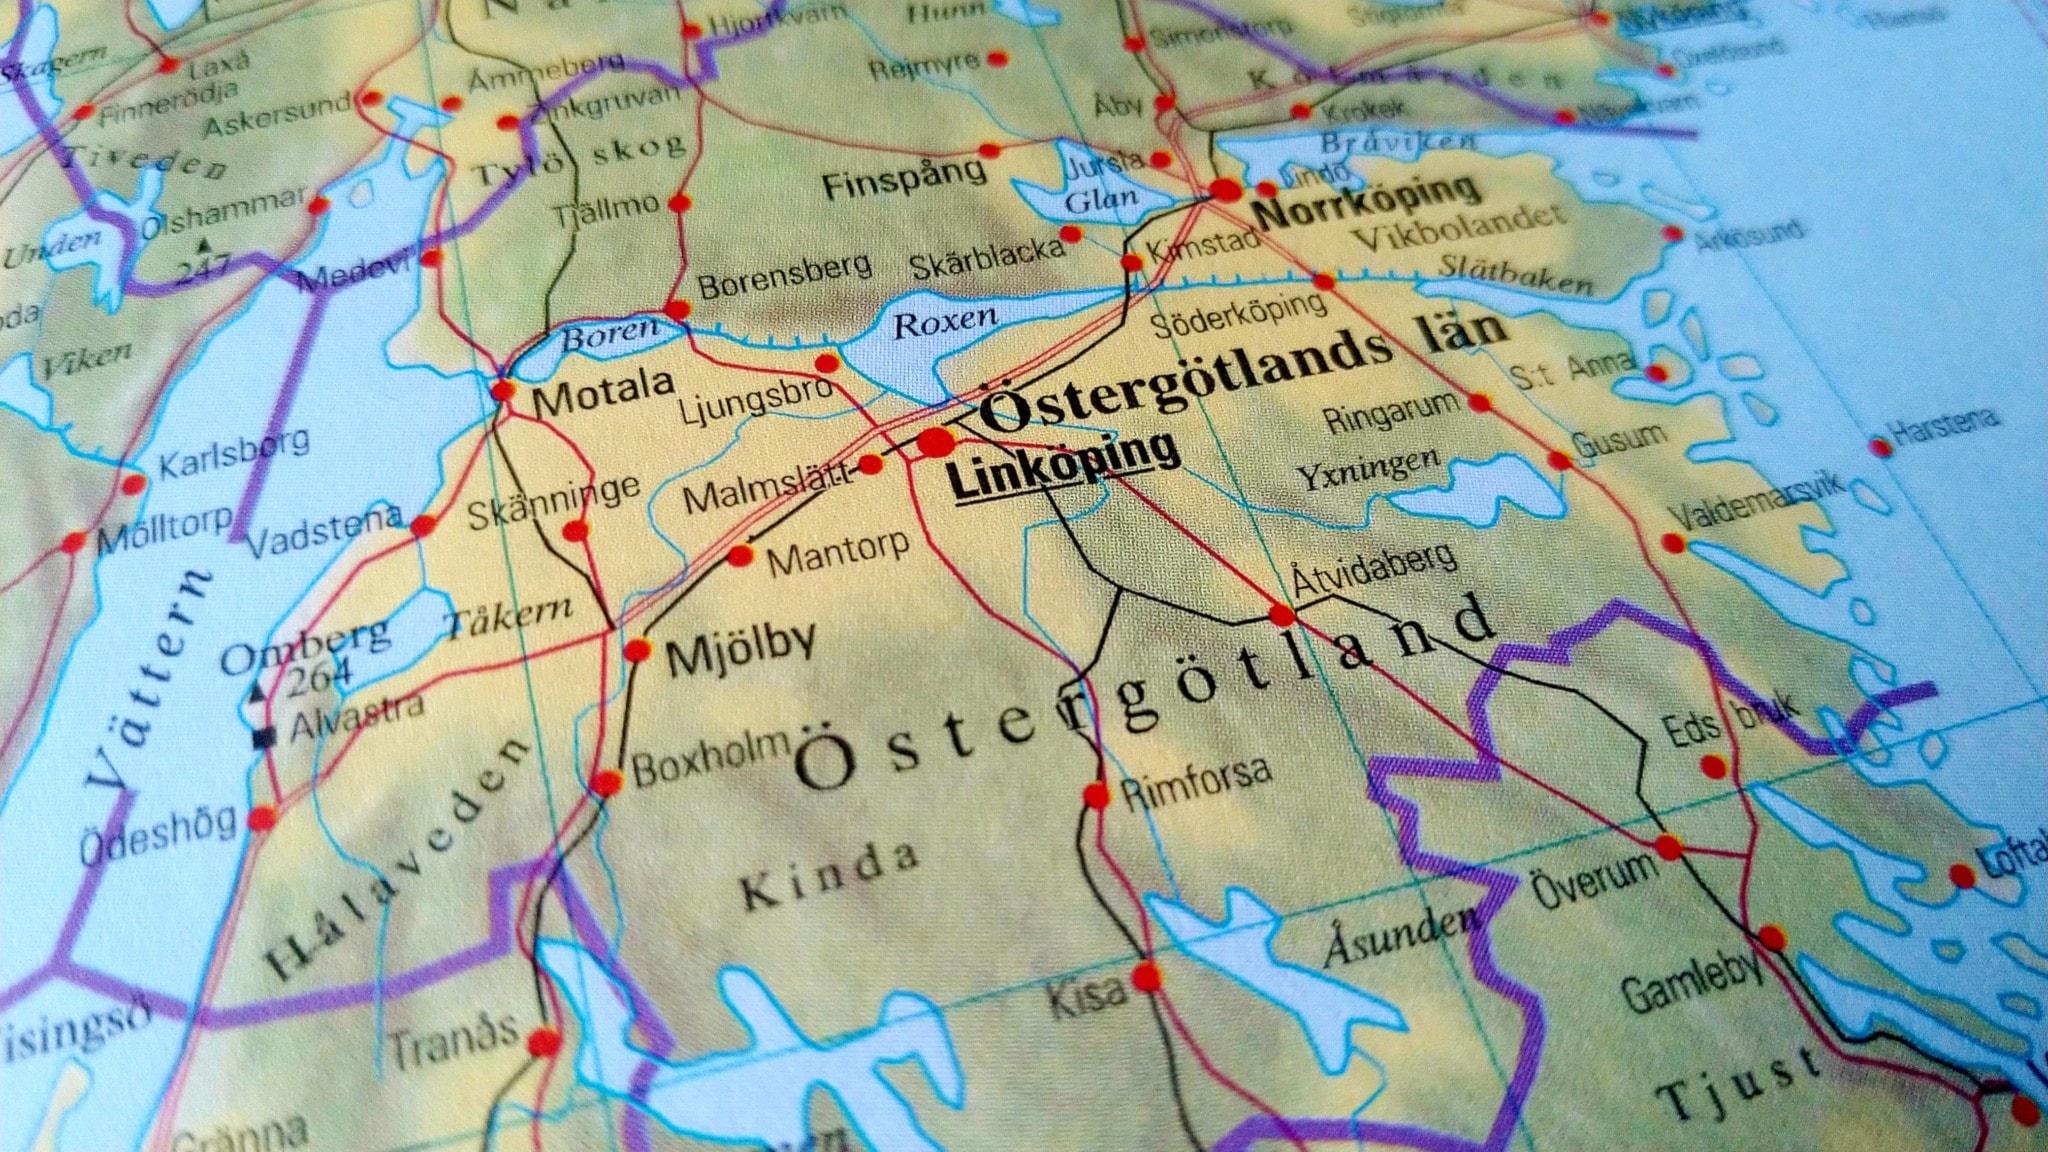 Om subkulturen Östergötland